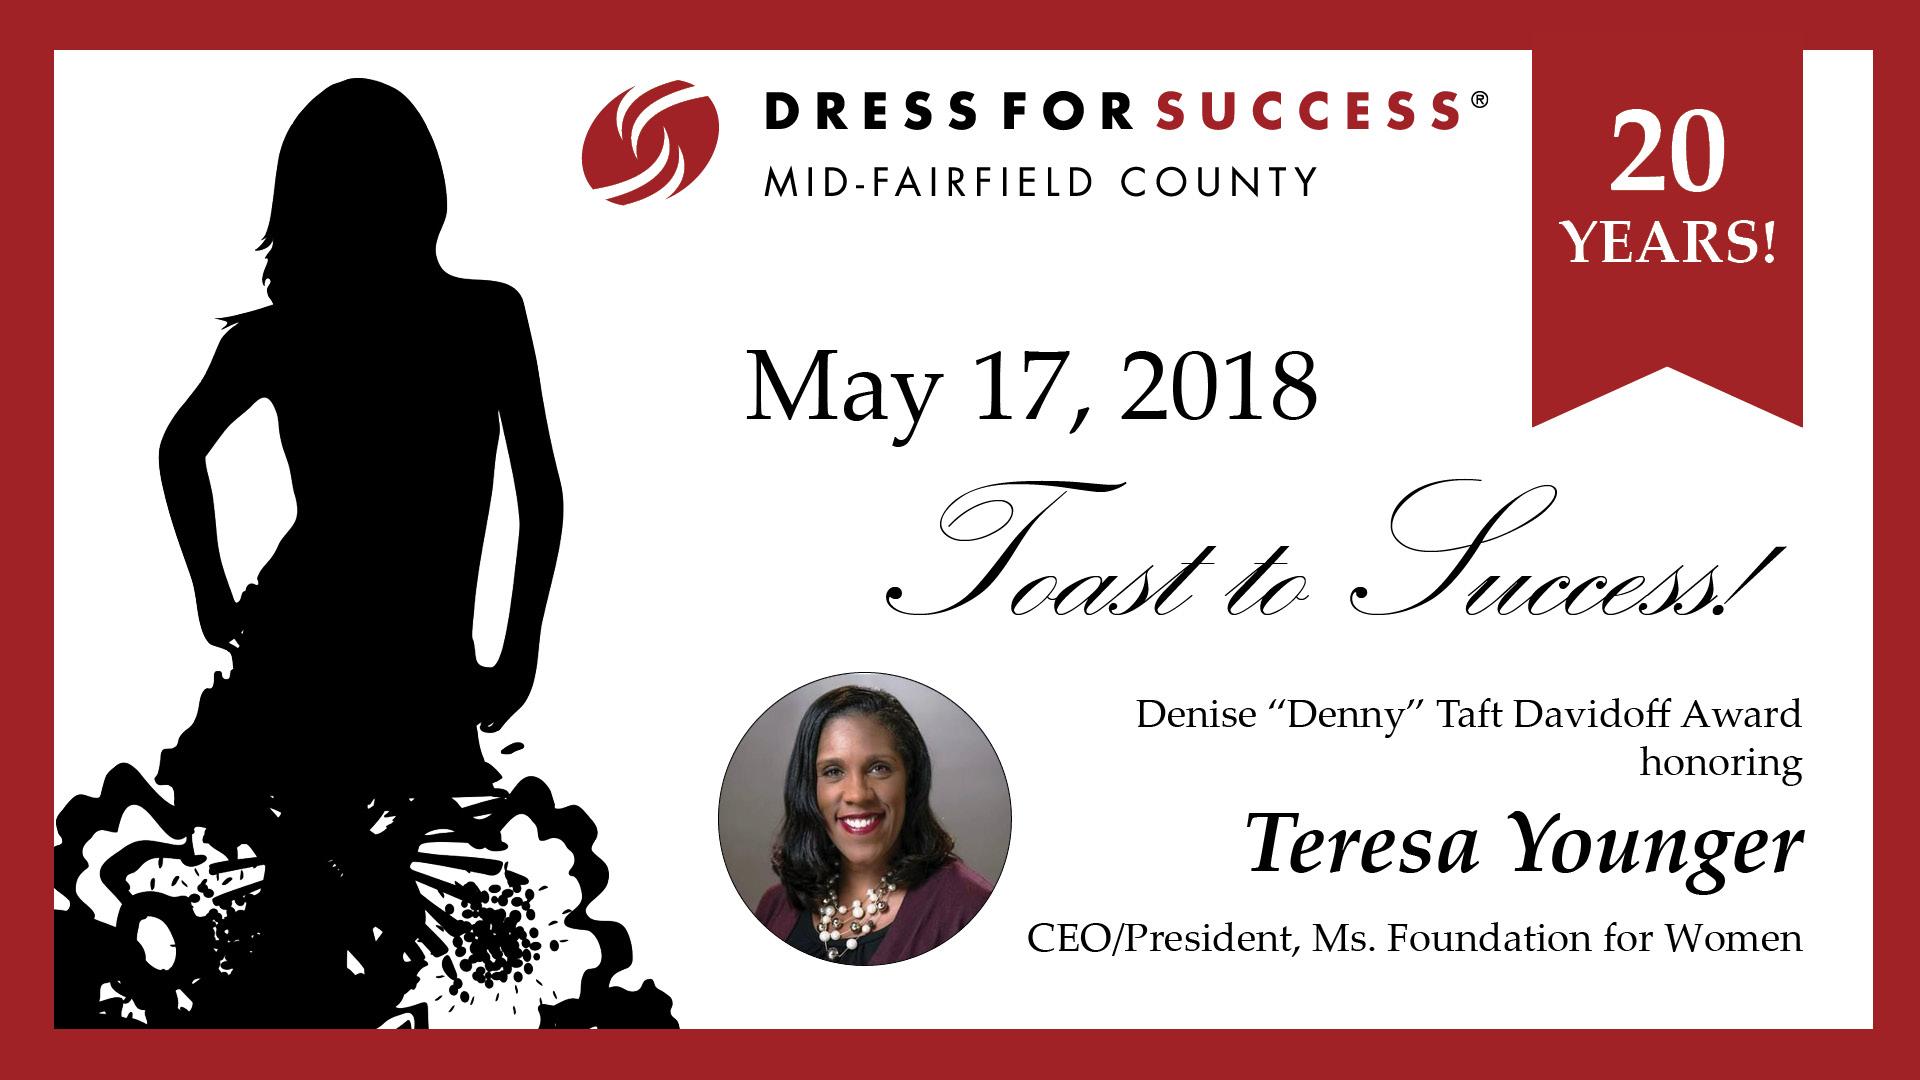 dress to success